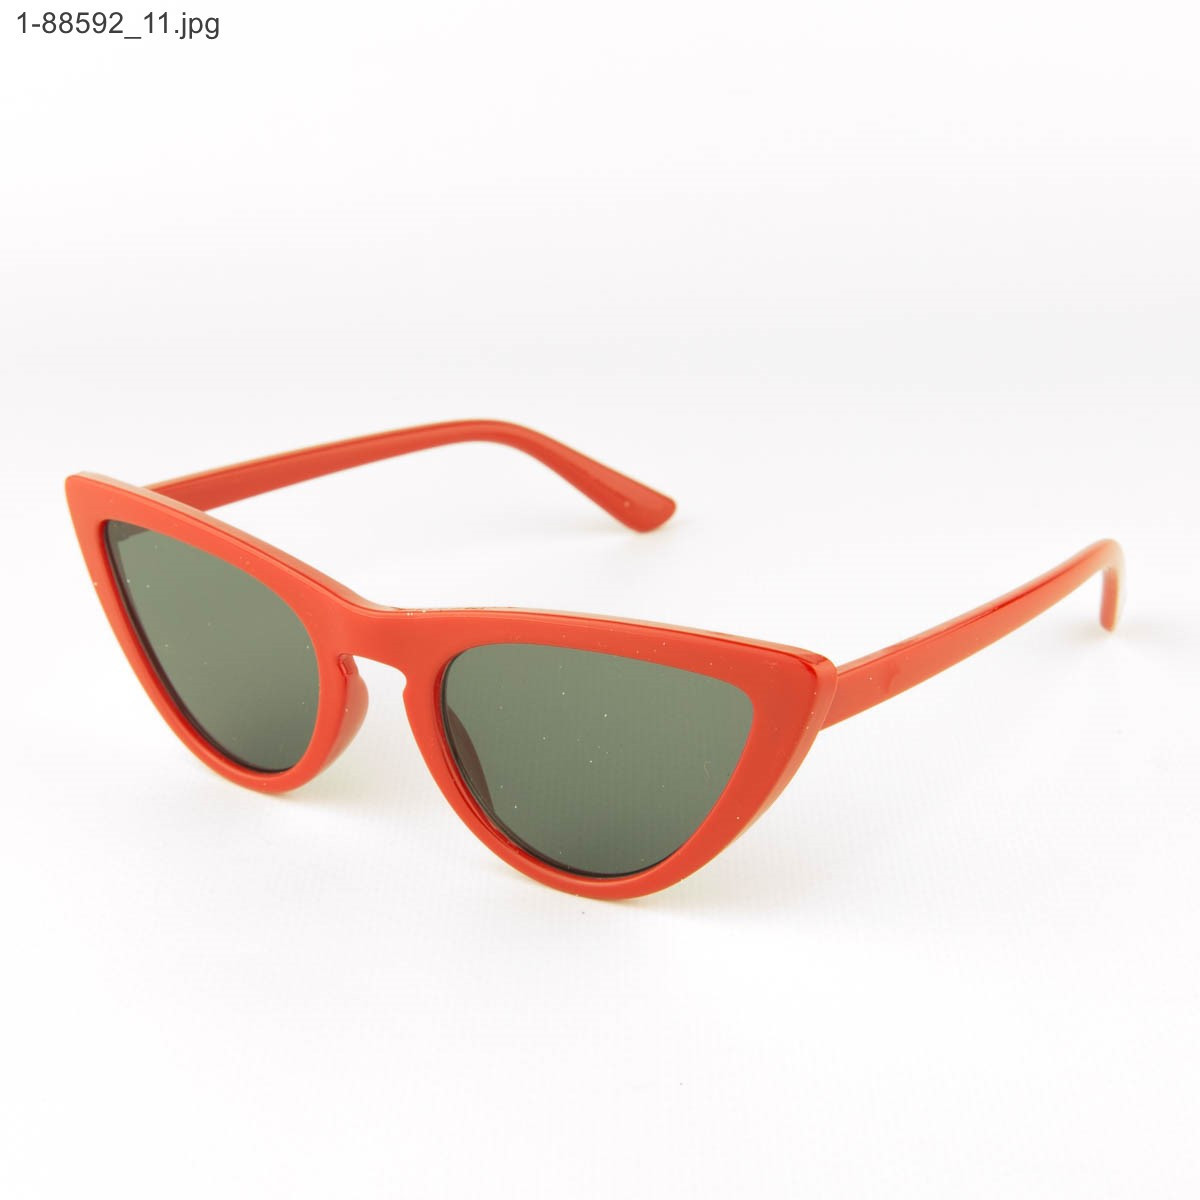 Оптом женские очки кошачий глаз - Красные - 1-88592